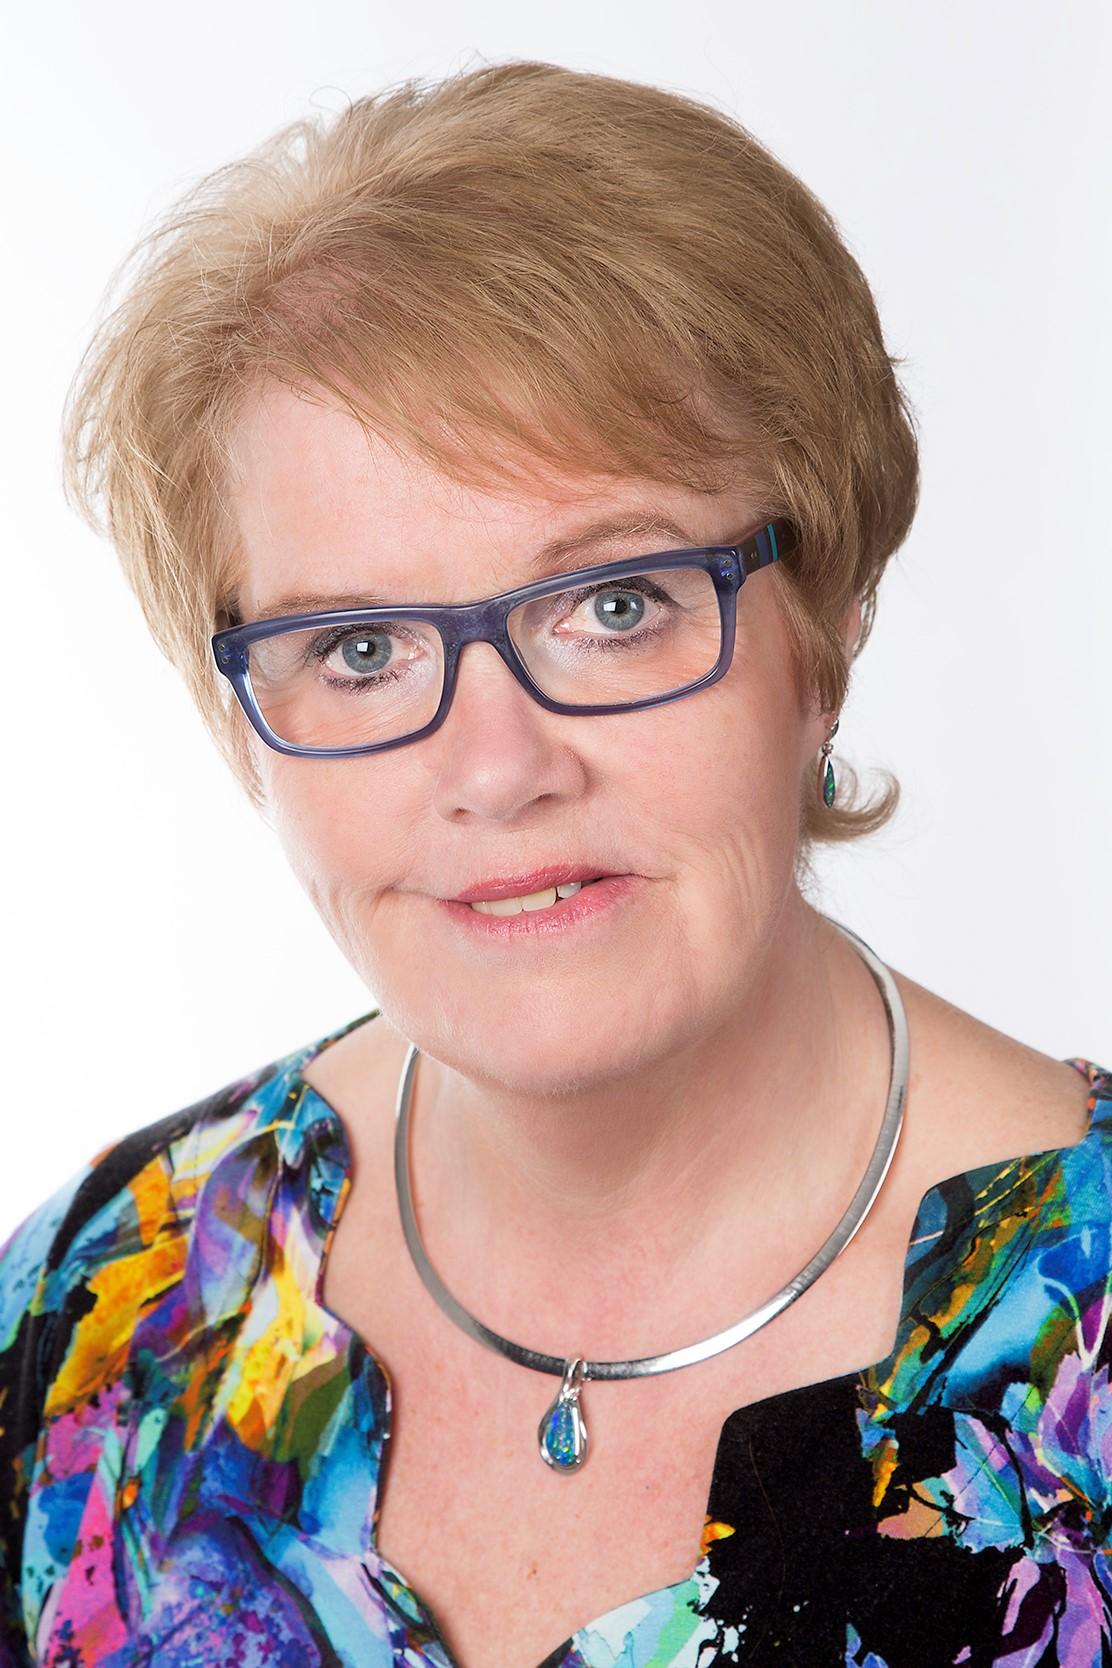 Wilhemina Berkhout